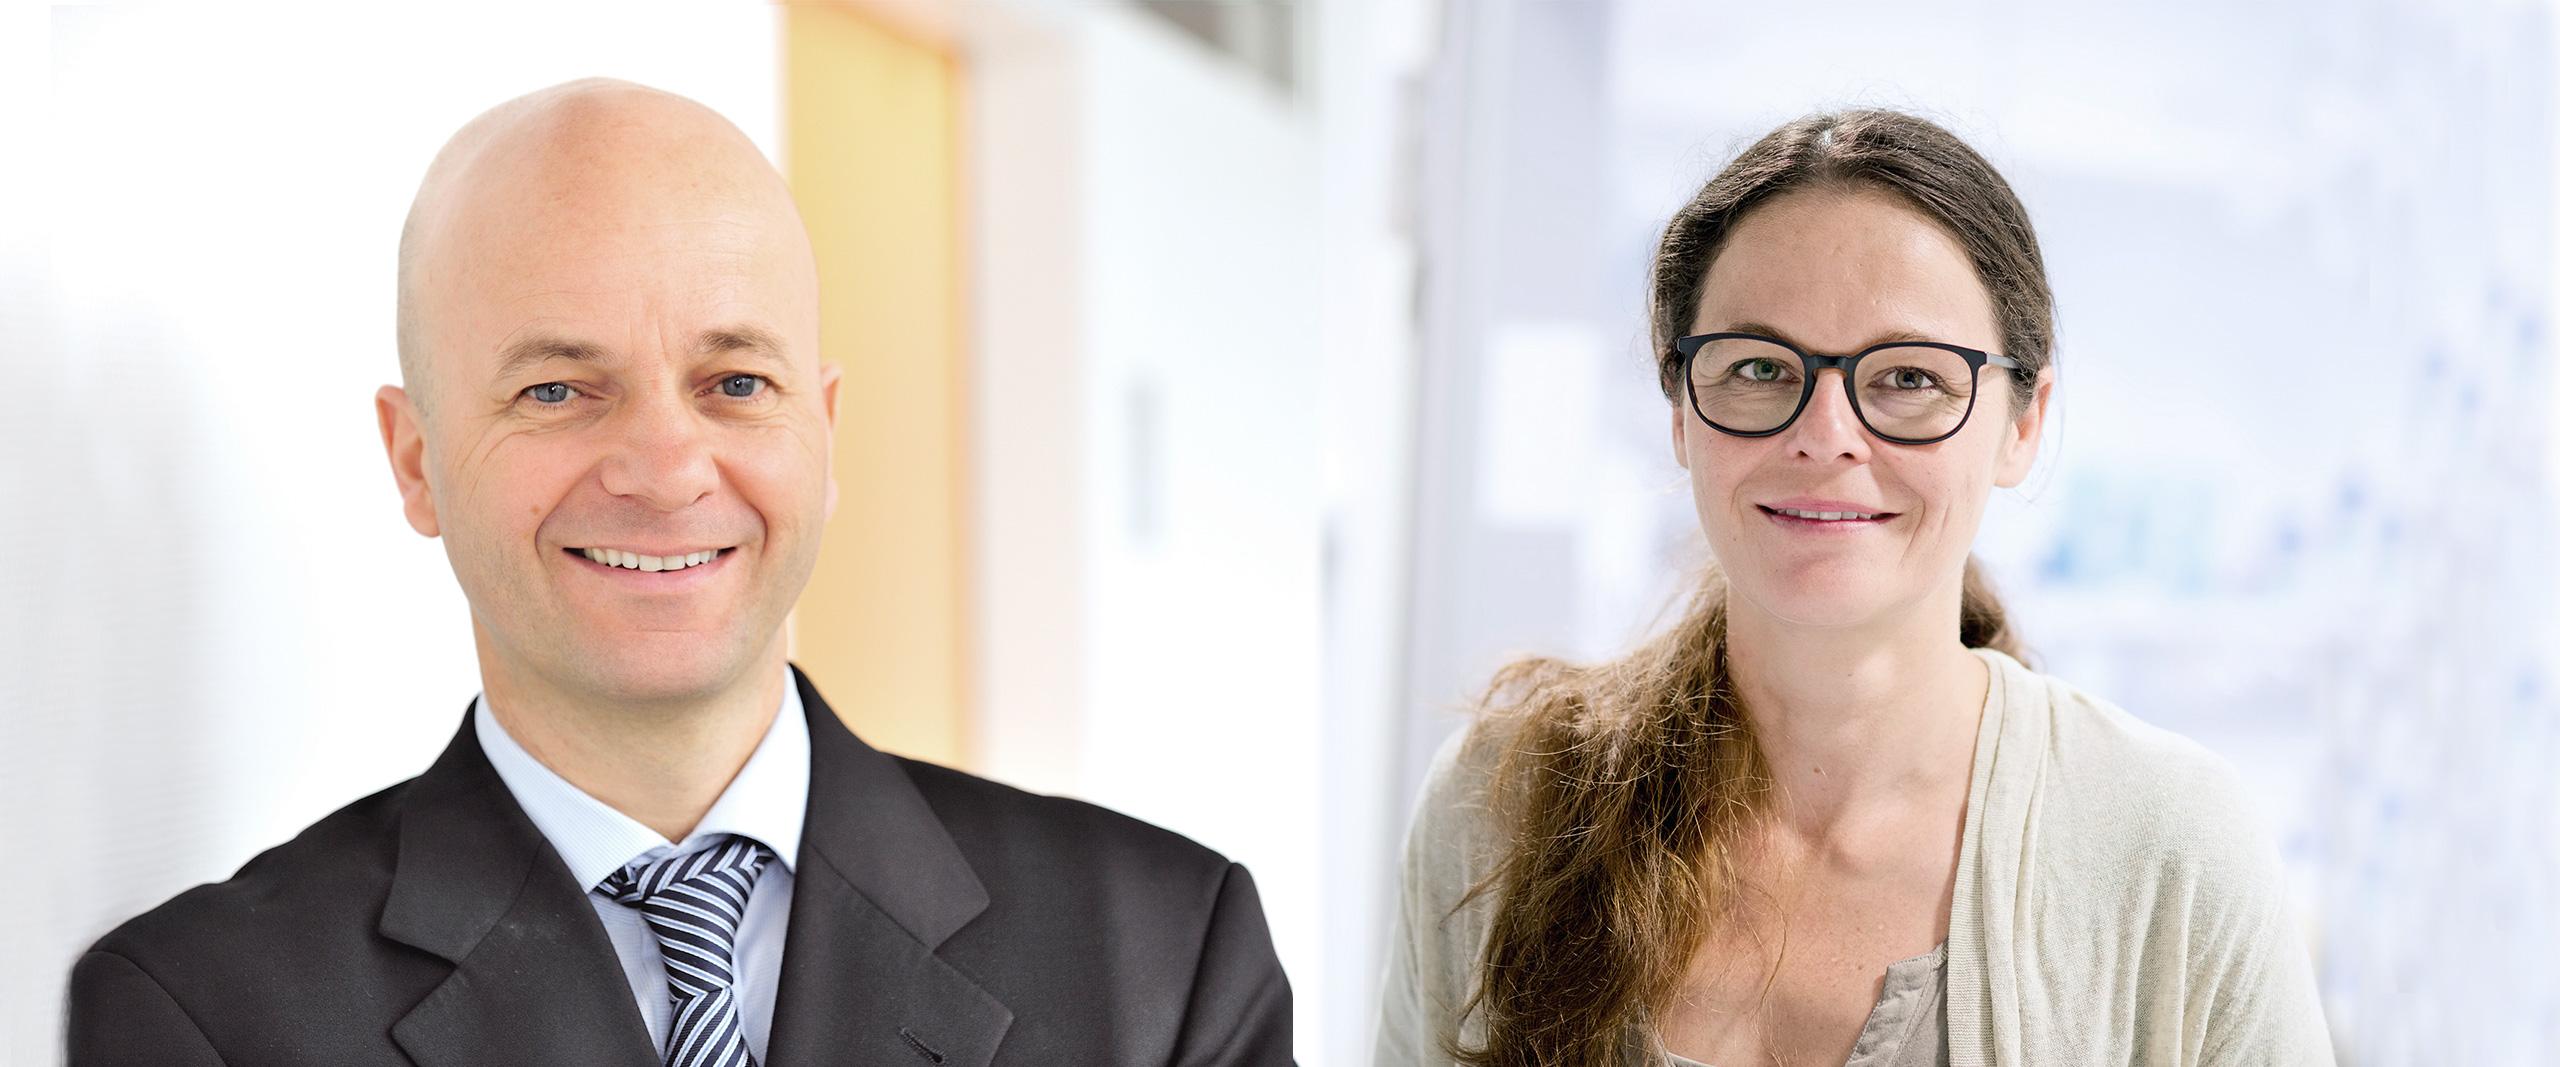 Zwei neue Sonderforschungsbereiche für die Uni Bonn